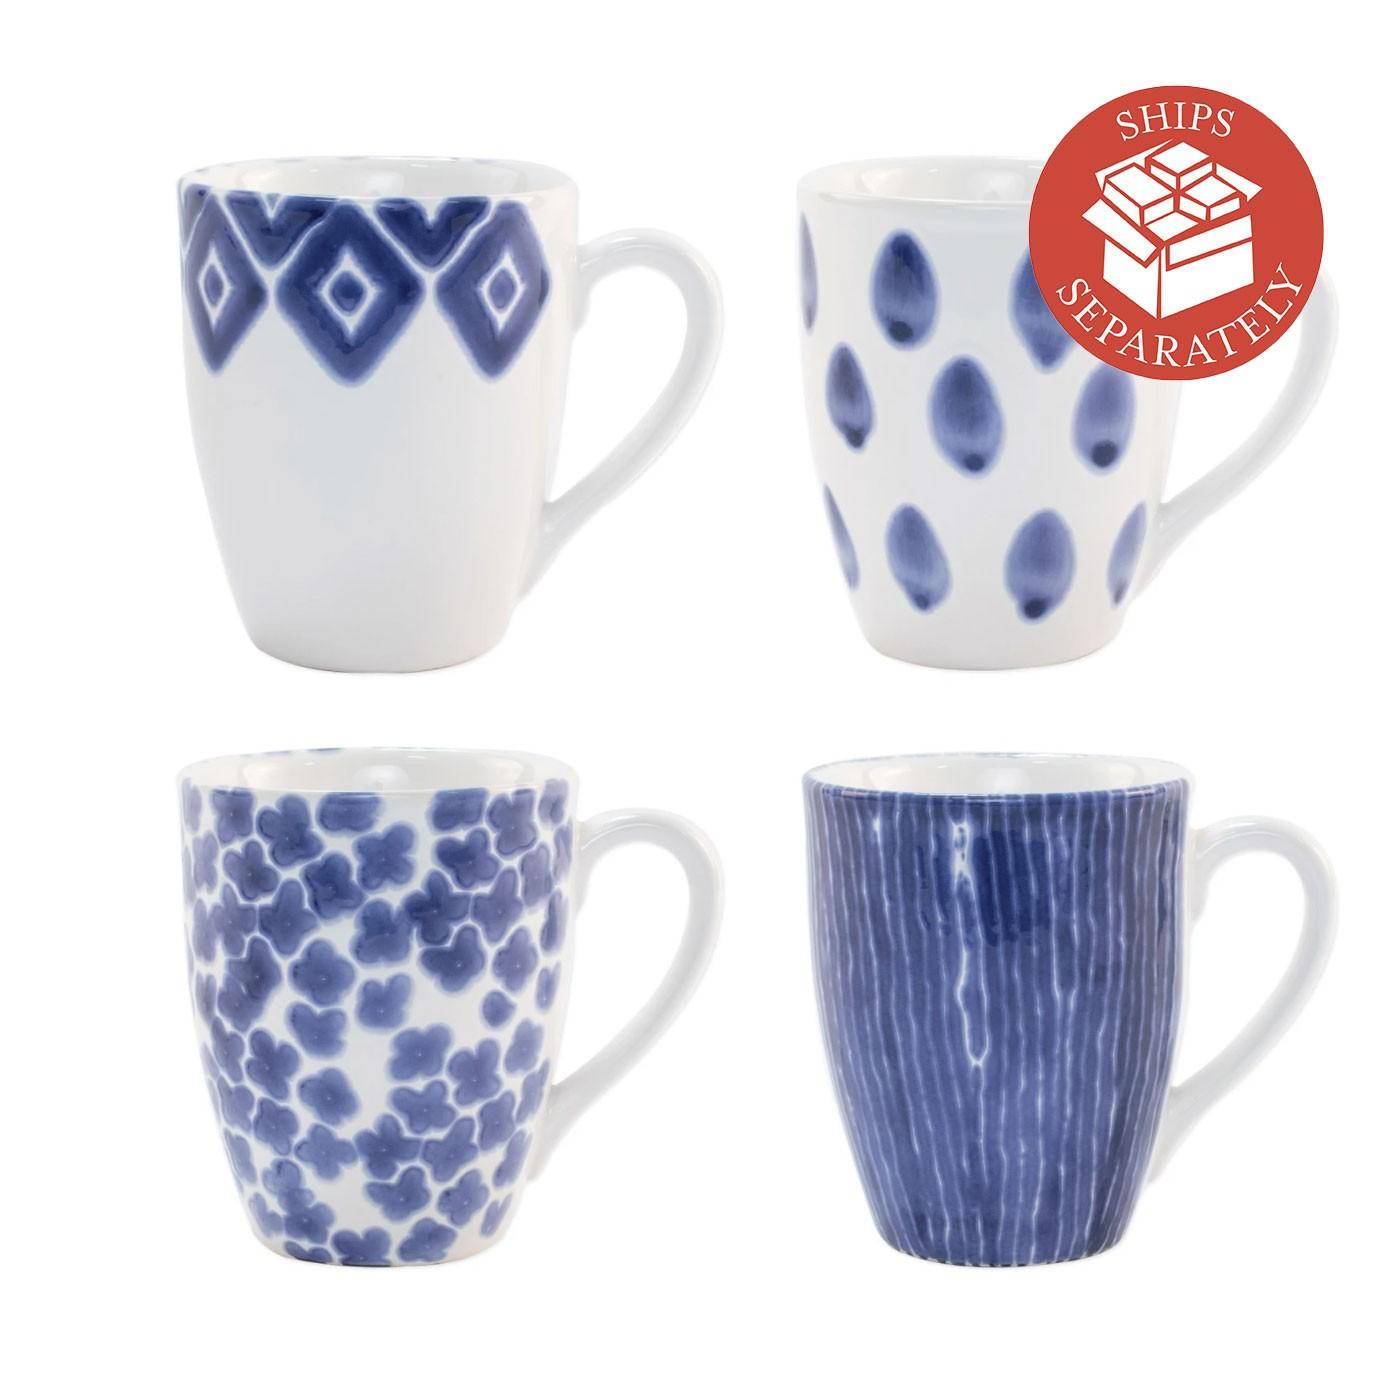 Santorini Assorted Mugs - Set of 4 - Vietri | Eataly.com